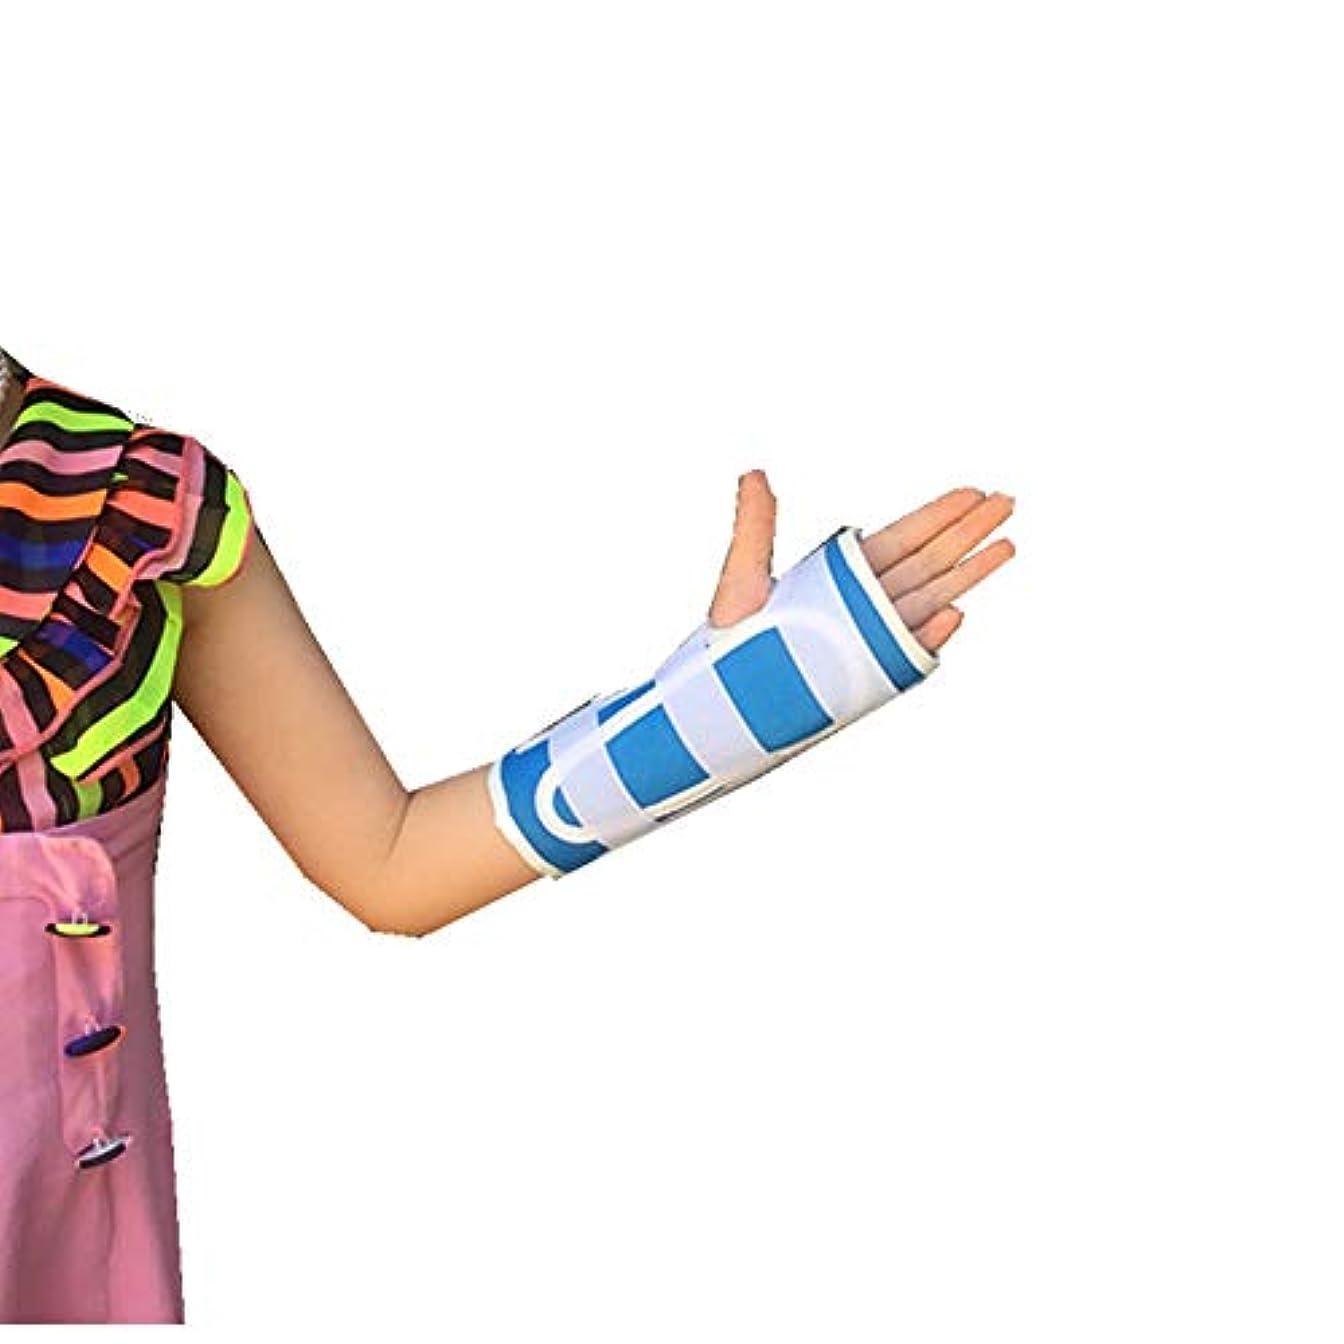 バックアップ夜間ZYL-YL 子供の手関節手首骨折手首捻挫骨折保護具通気性は内蔵アルミ合金シース (Edition : Right)